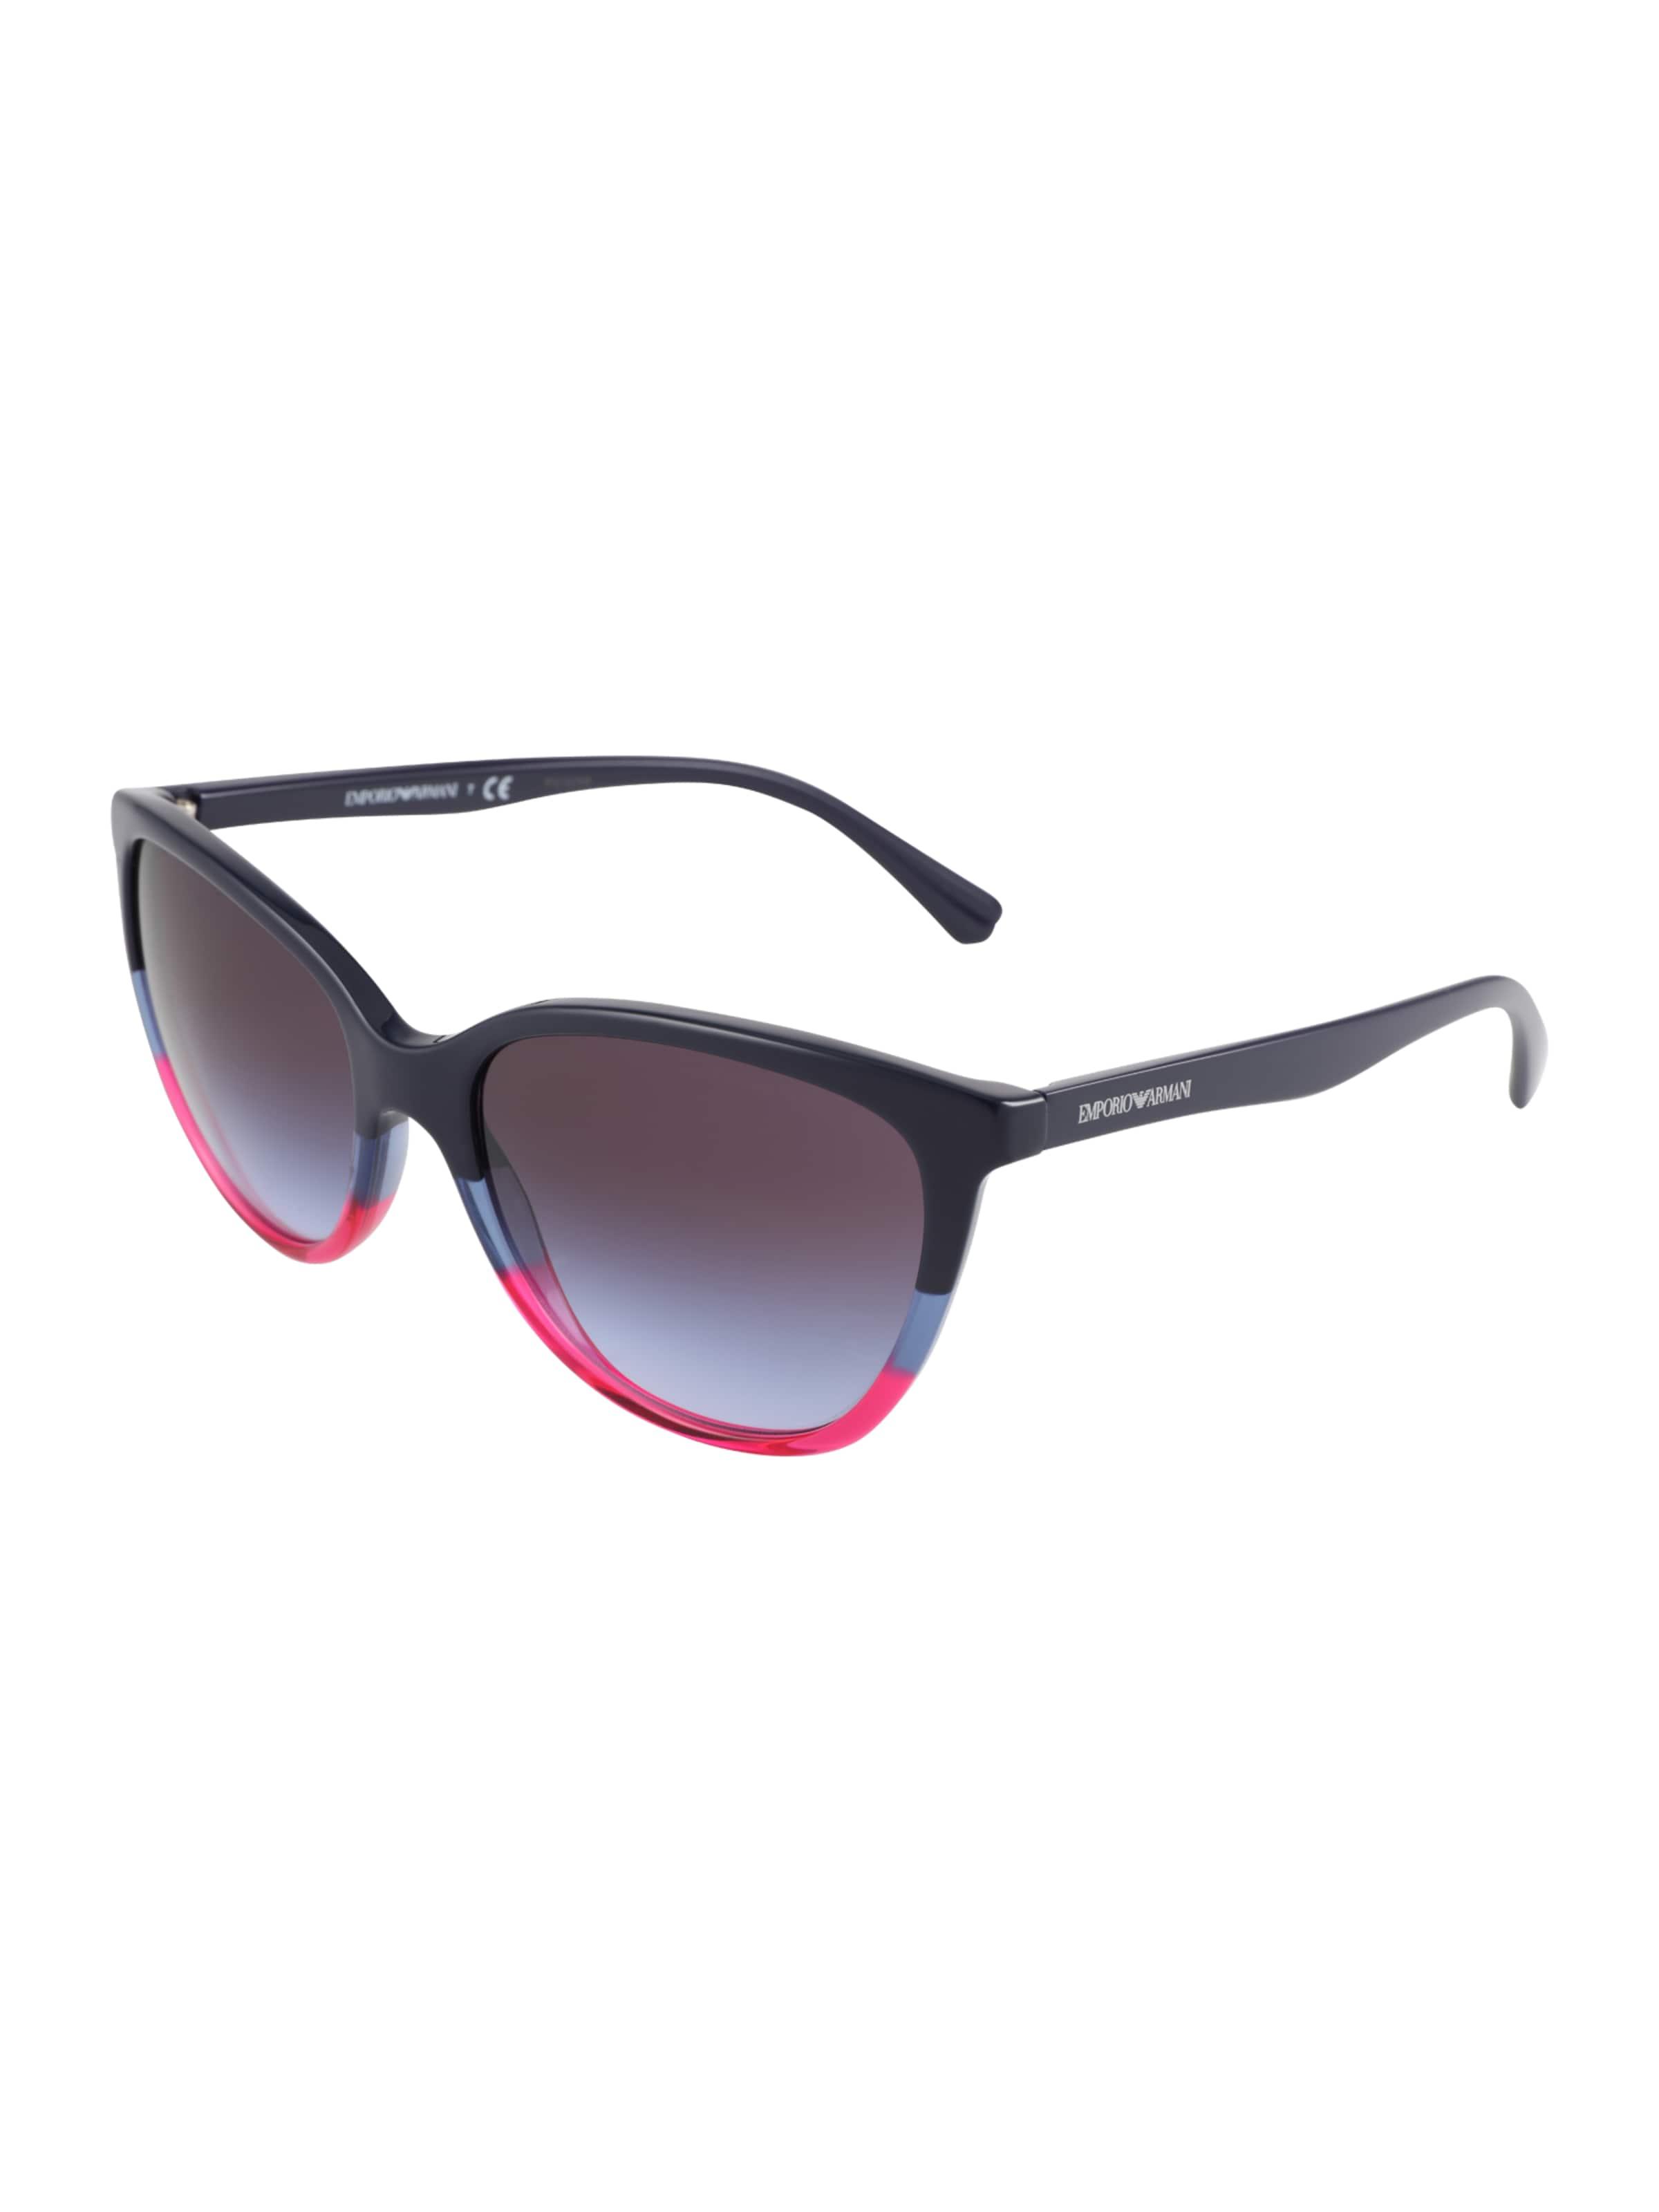 Emporio BlauViolettblau Sonnenbrille Sonnenbrille In Armani In Armani Emporio trQdshC